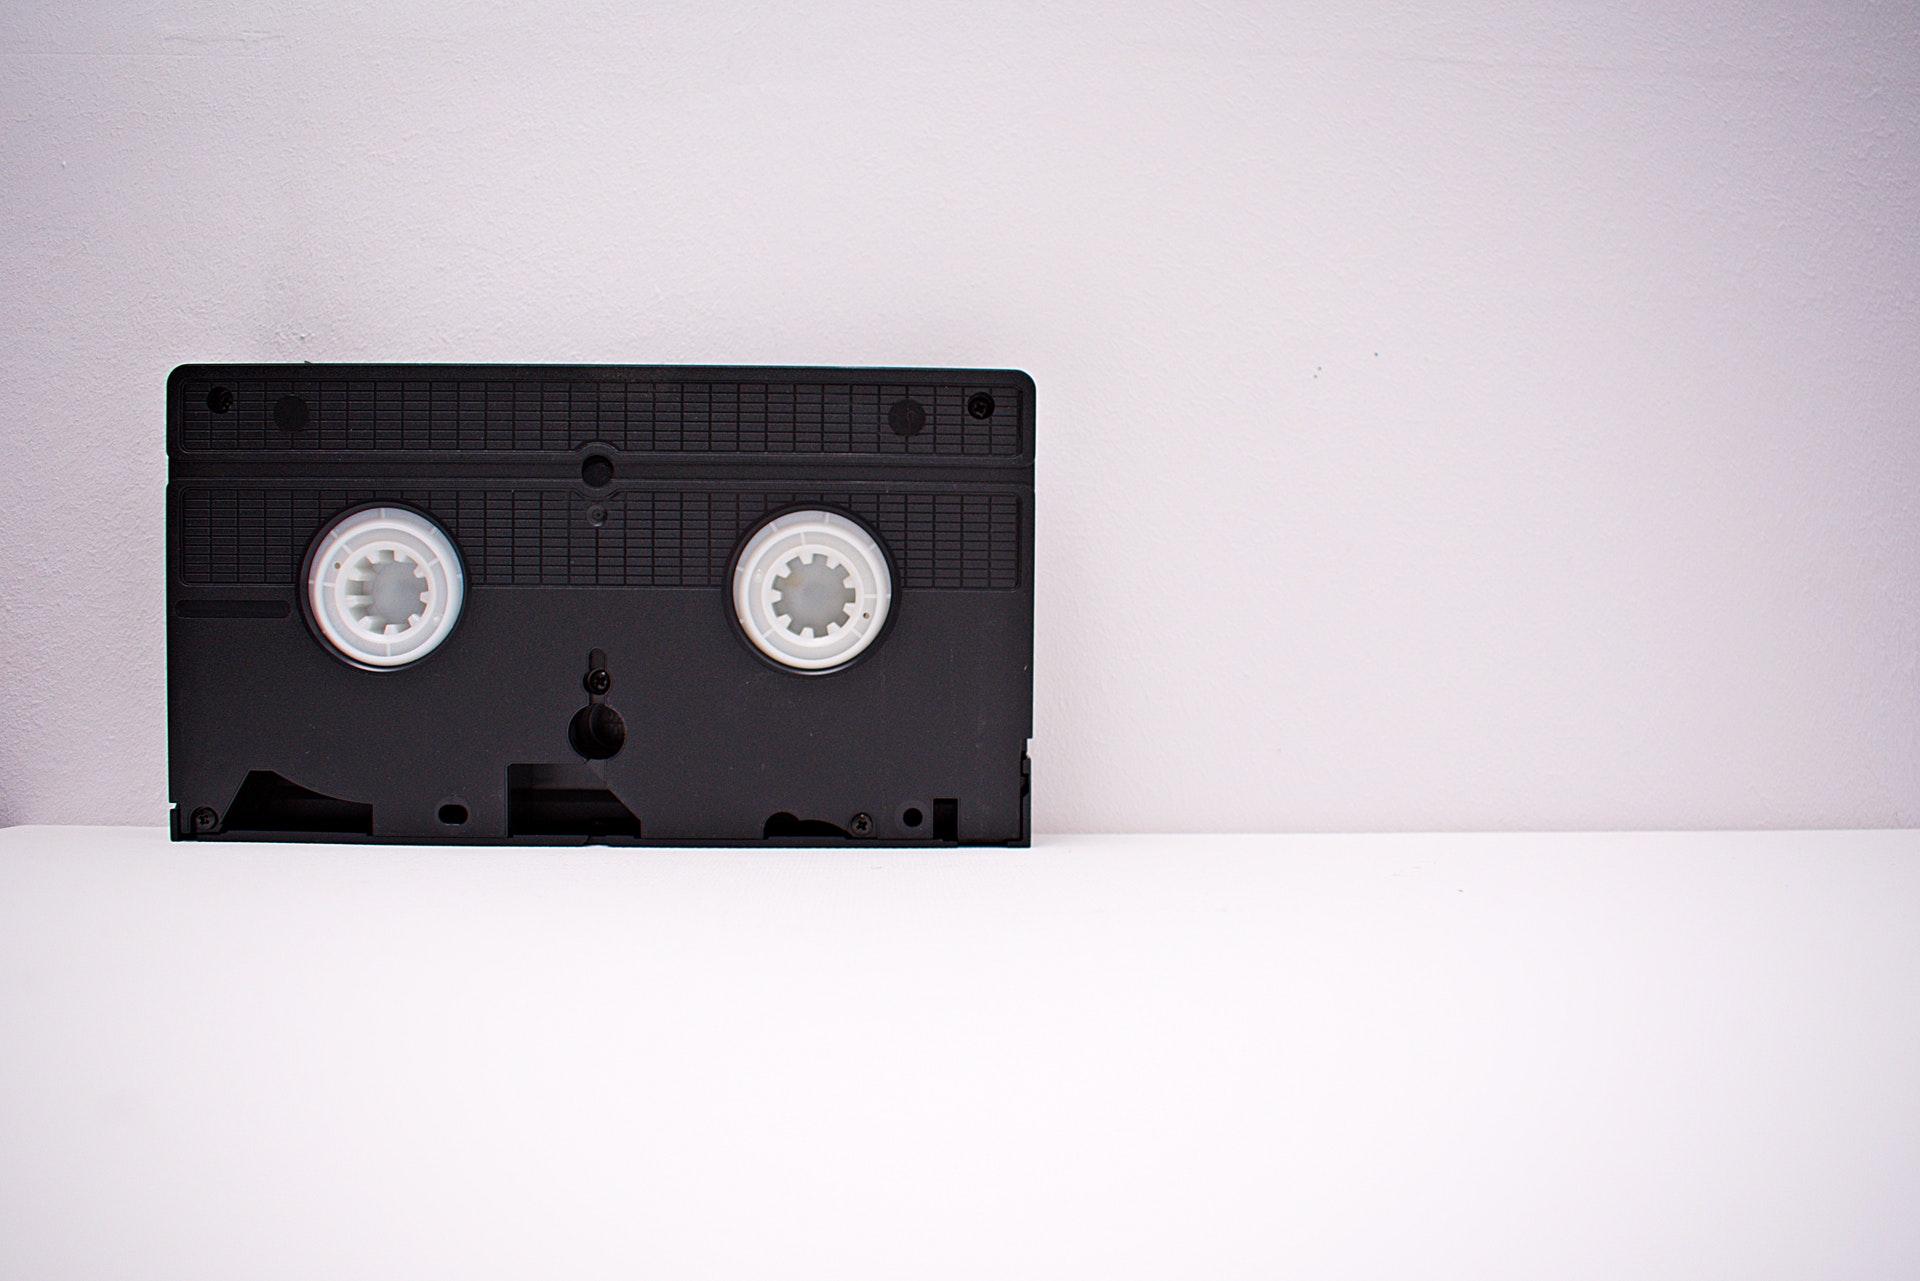 classic-vhs-video-recording-1302308.jpg